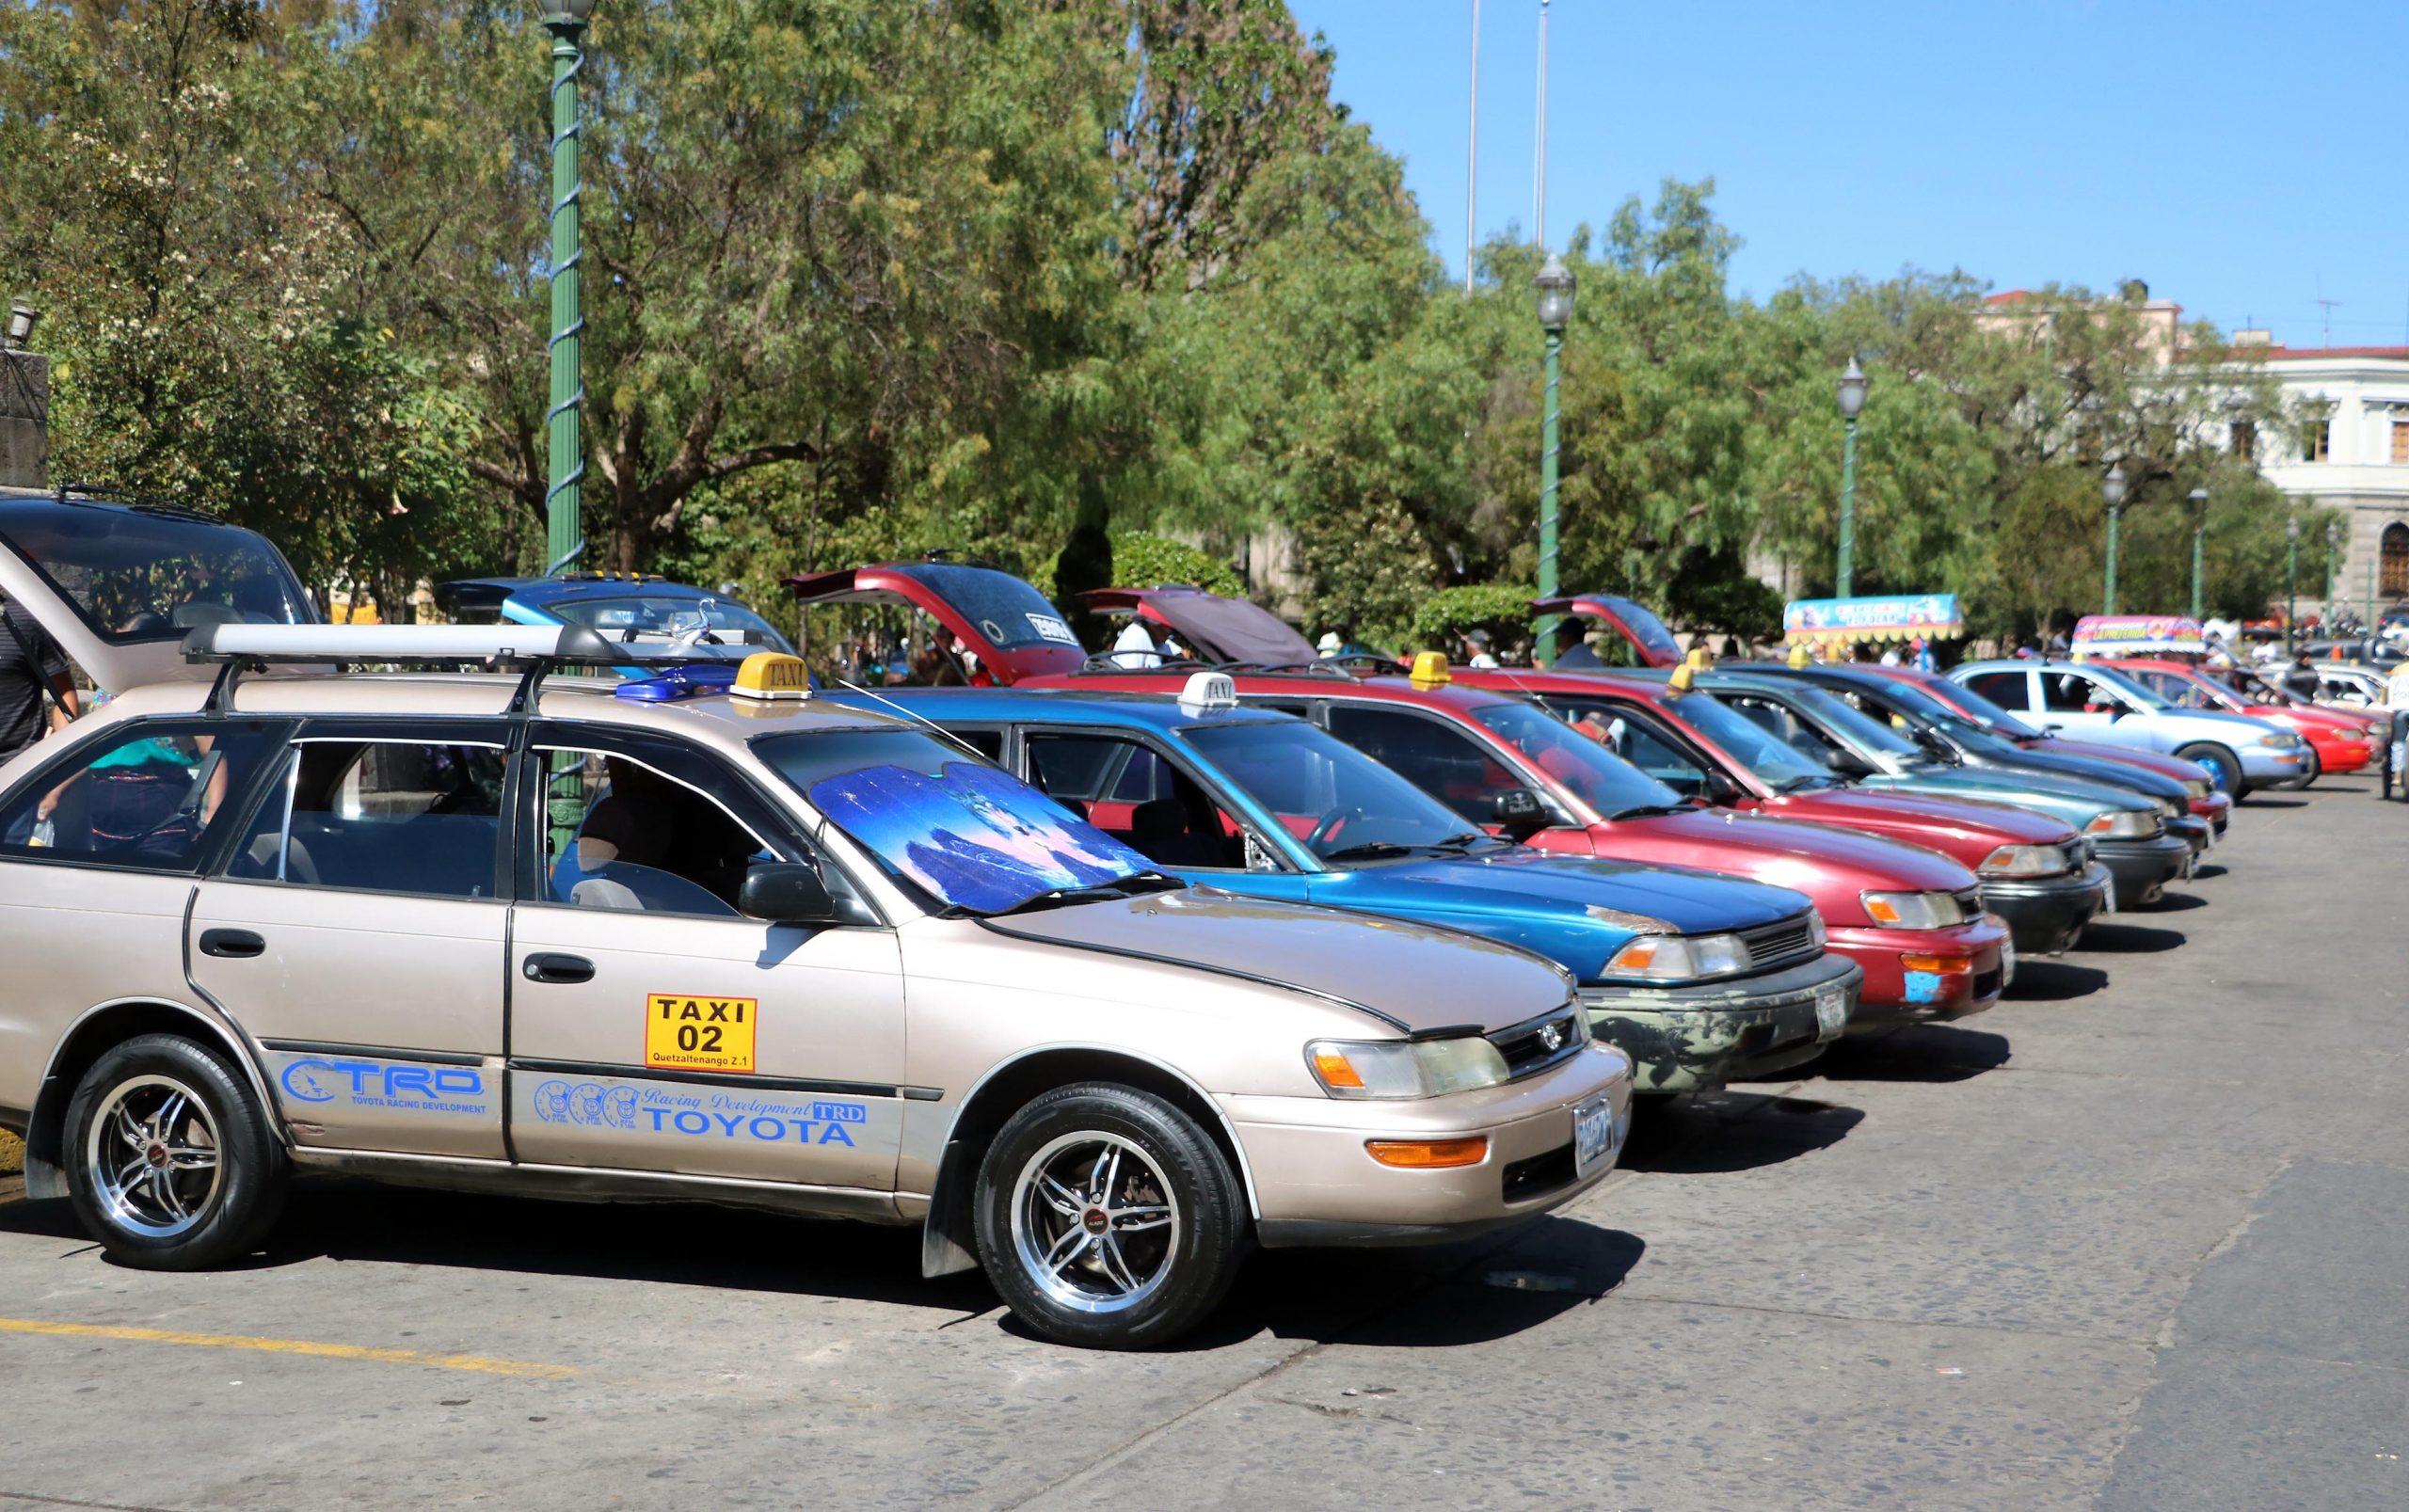 Los taxistas con matrícula particular serán retirados de circulación si no presentan algún documento de trámite ante la municipalidad en Xela. (Foto: Carlos Ventura)